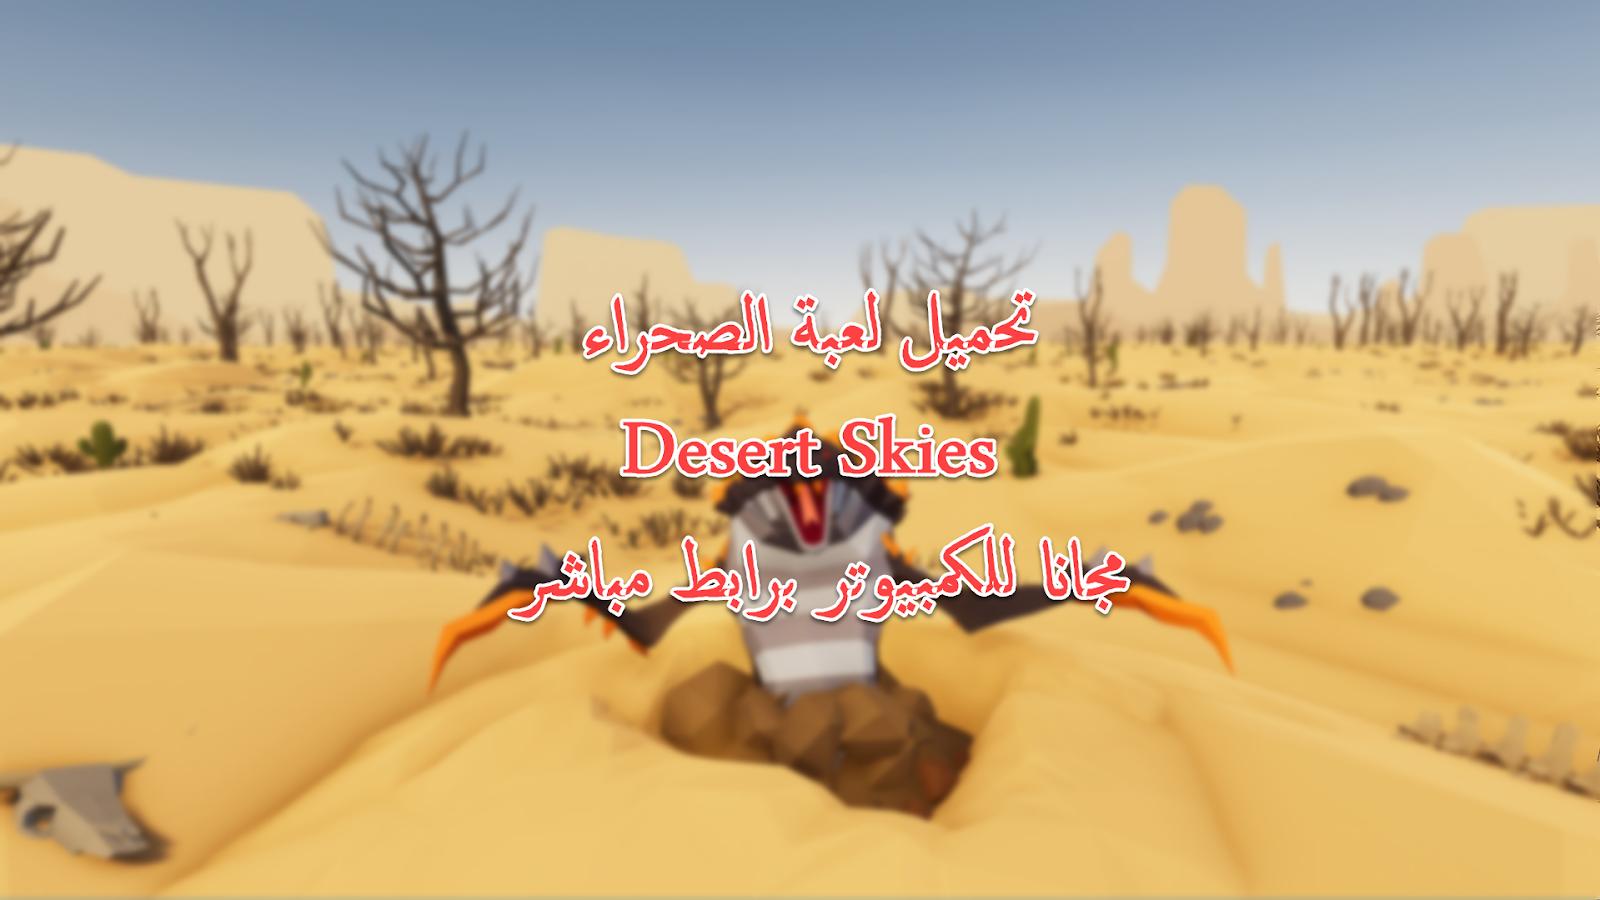 تحميل لعبة desert skies للكمبيوتر